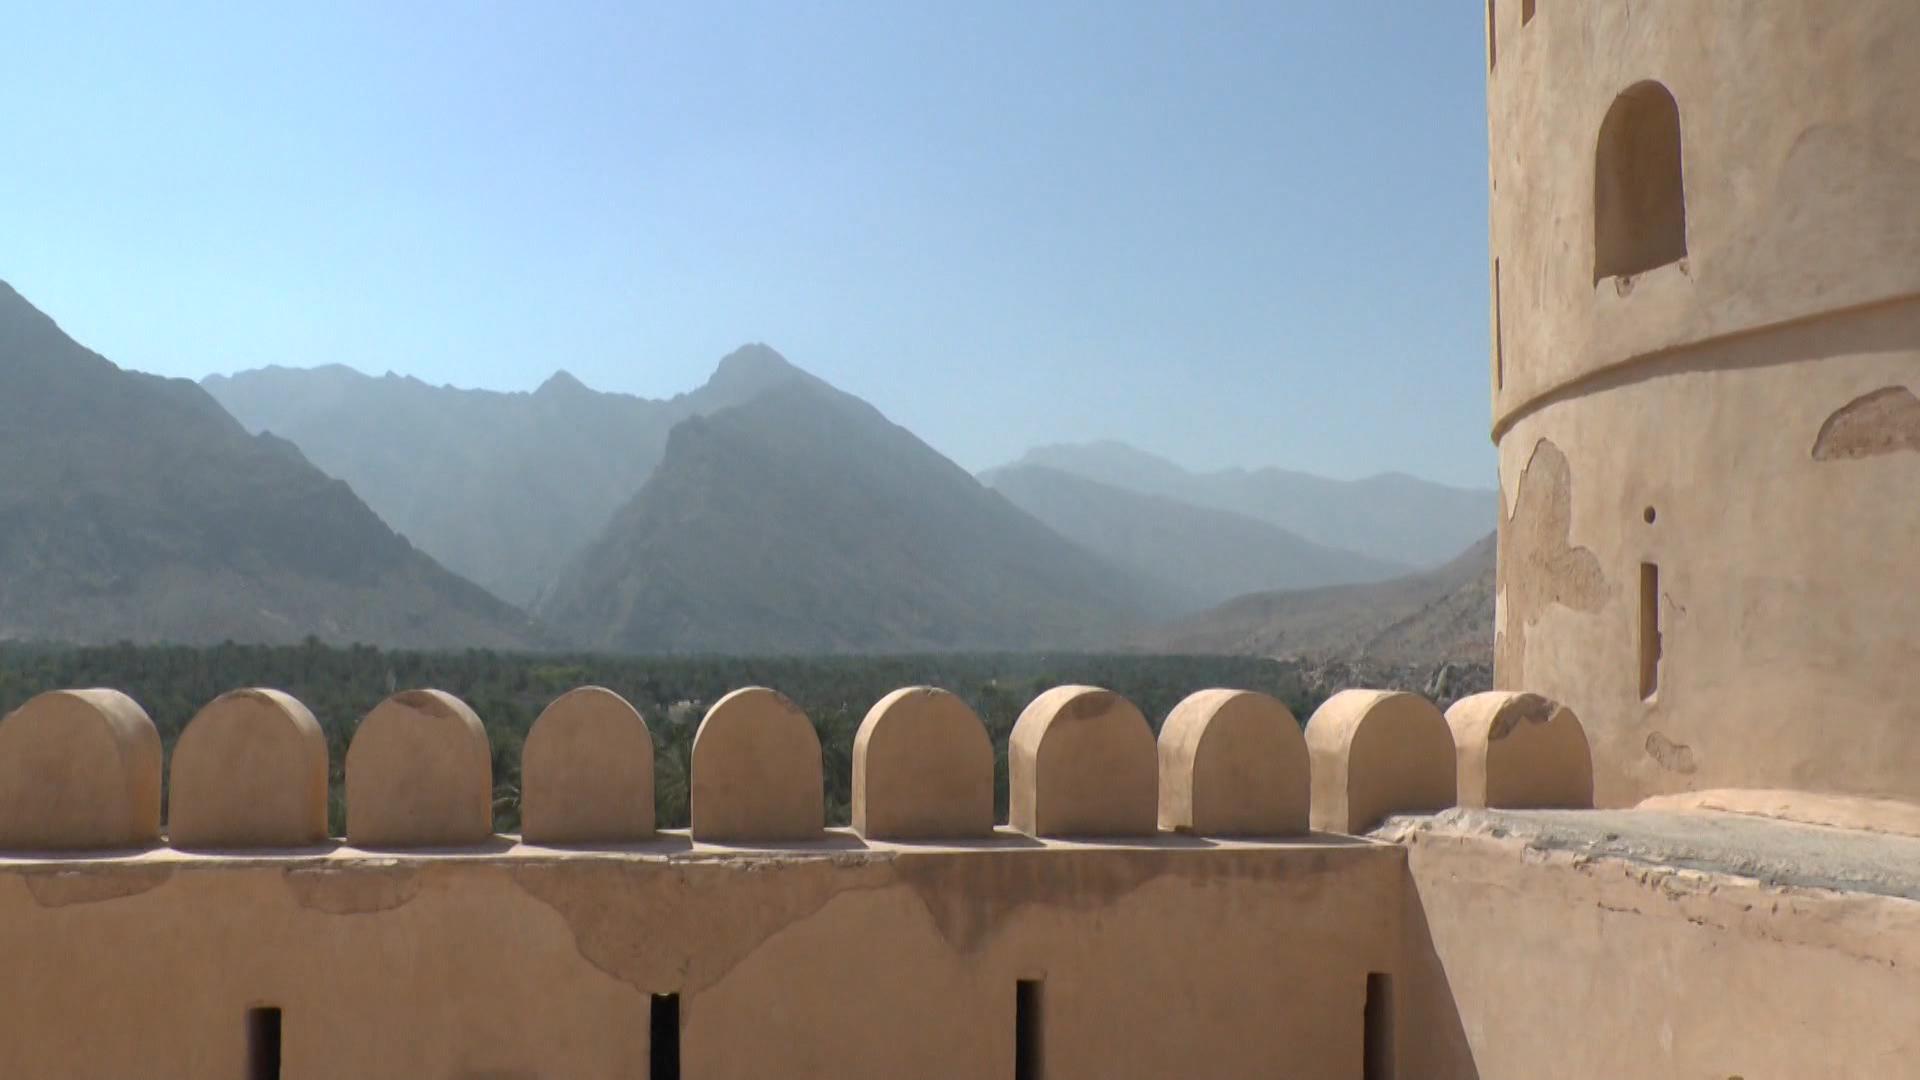 REISE-Logovid Oman Palast von Jabrin